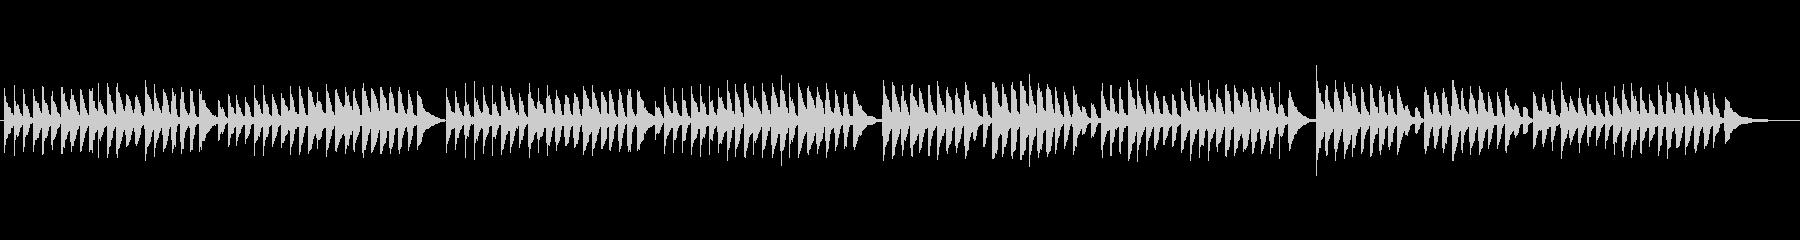 クラシックピアノ、チェルニーNo.7の未再生の波形